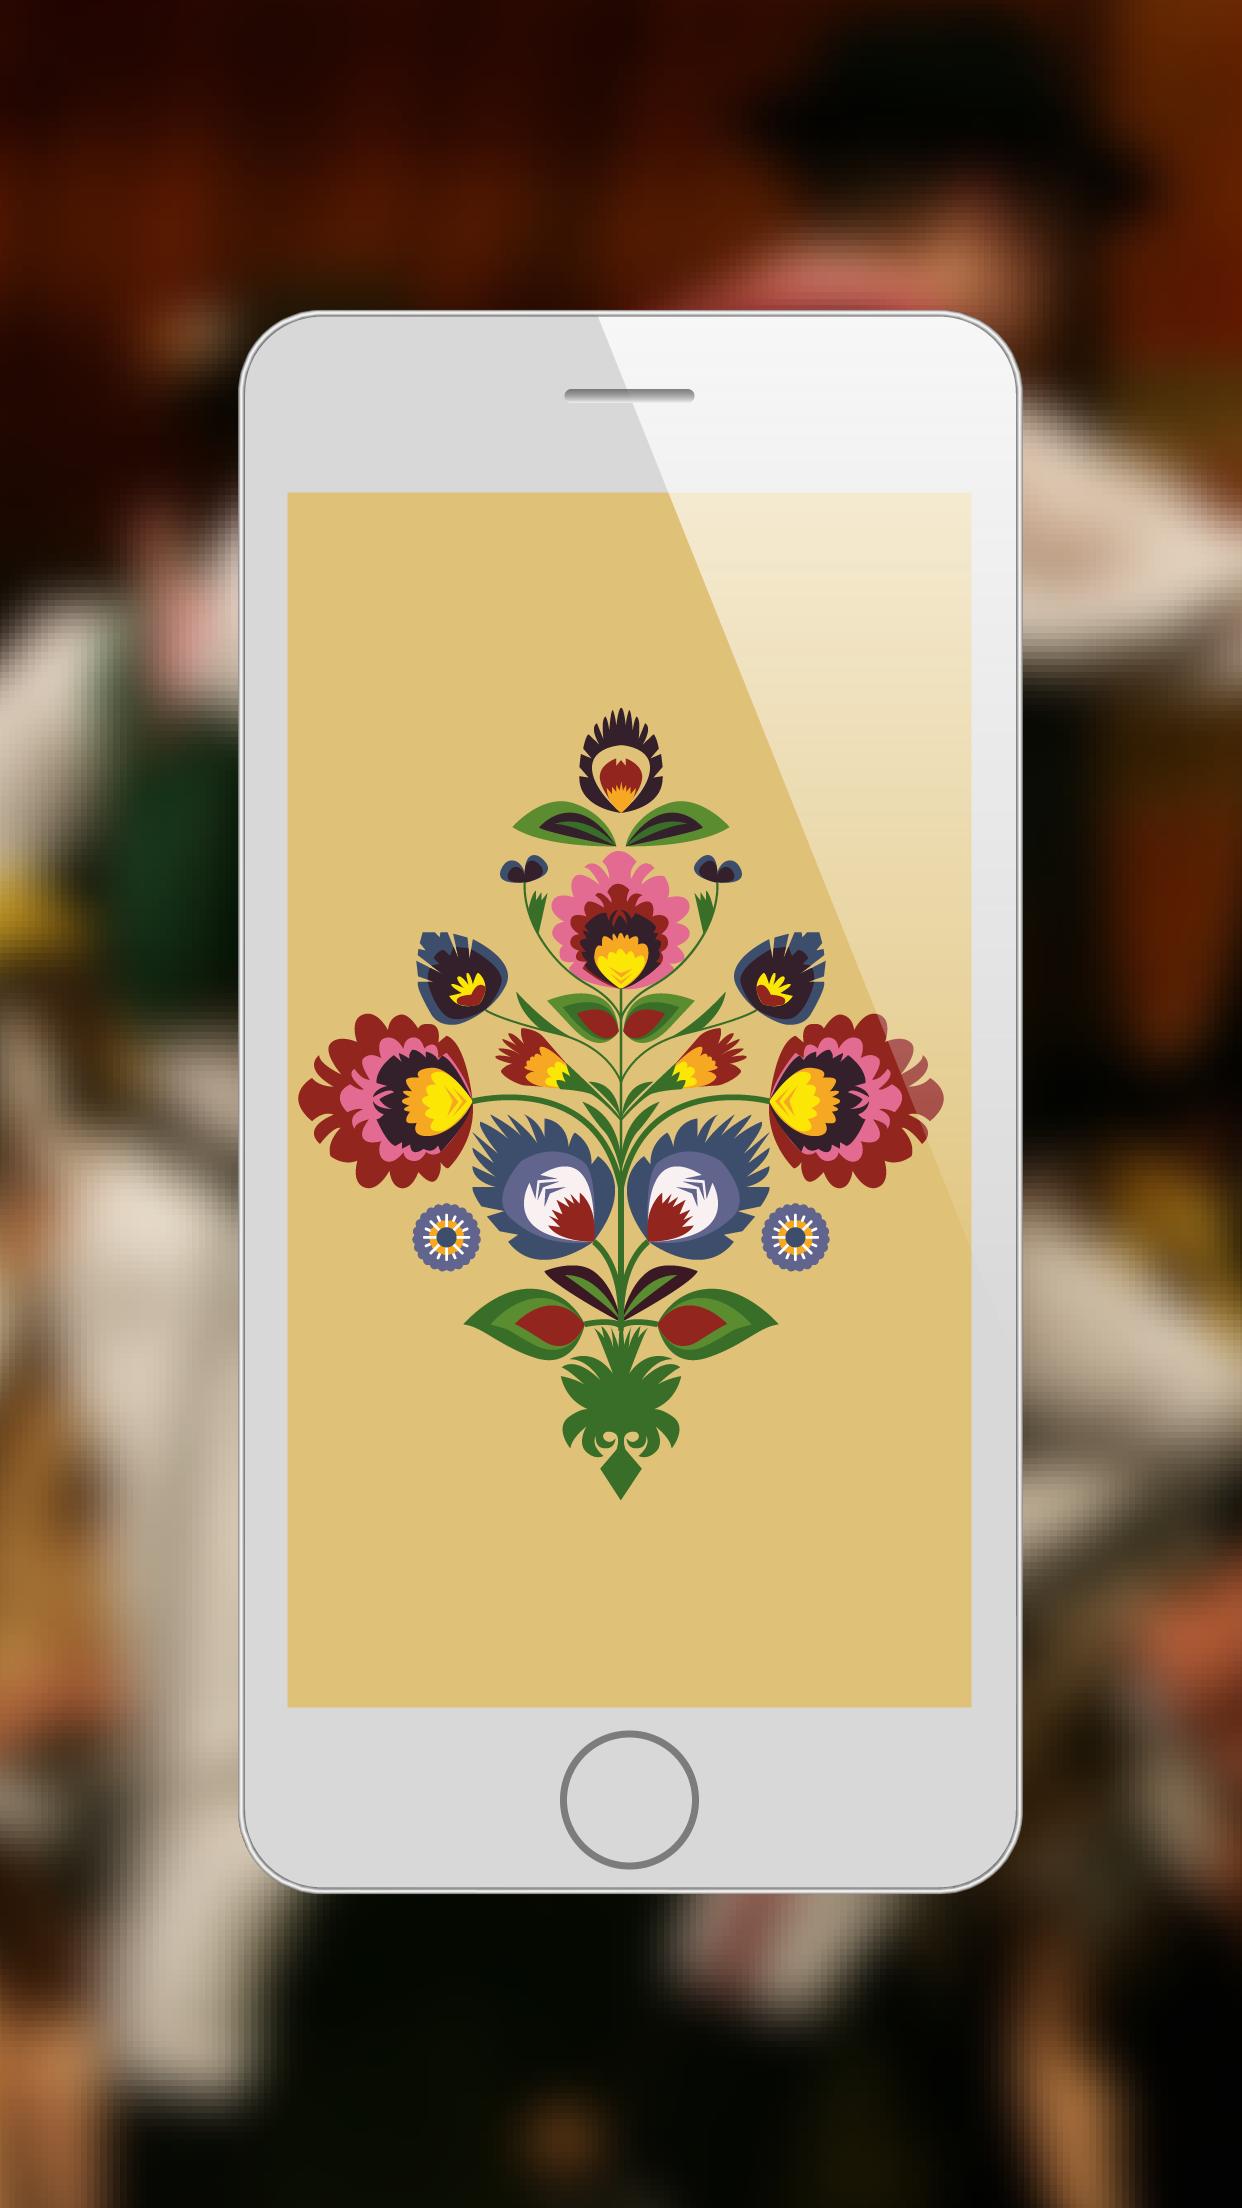 Pin by Lovelle RevolutionizZed on folk wallpaper iphone